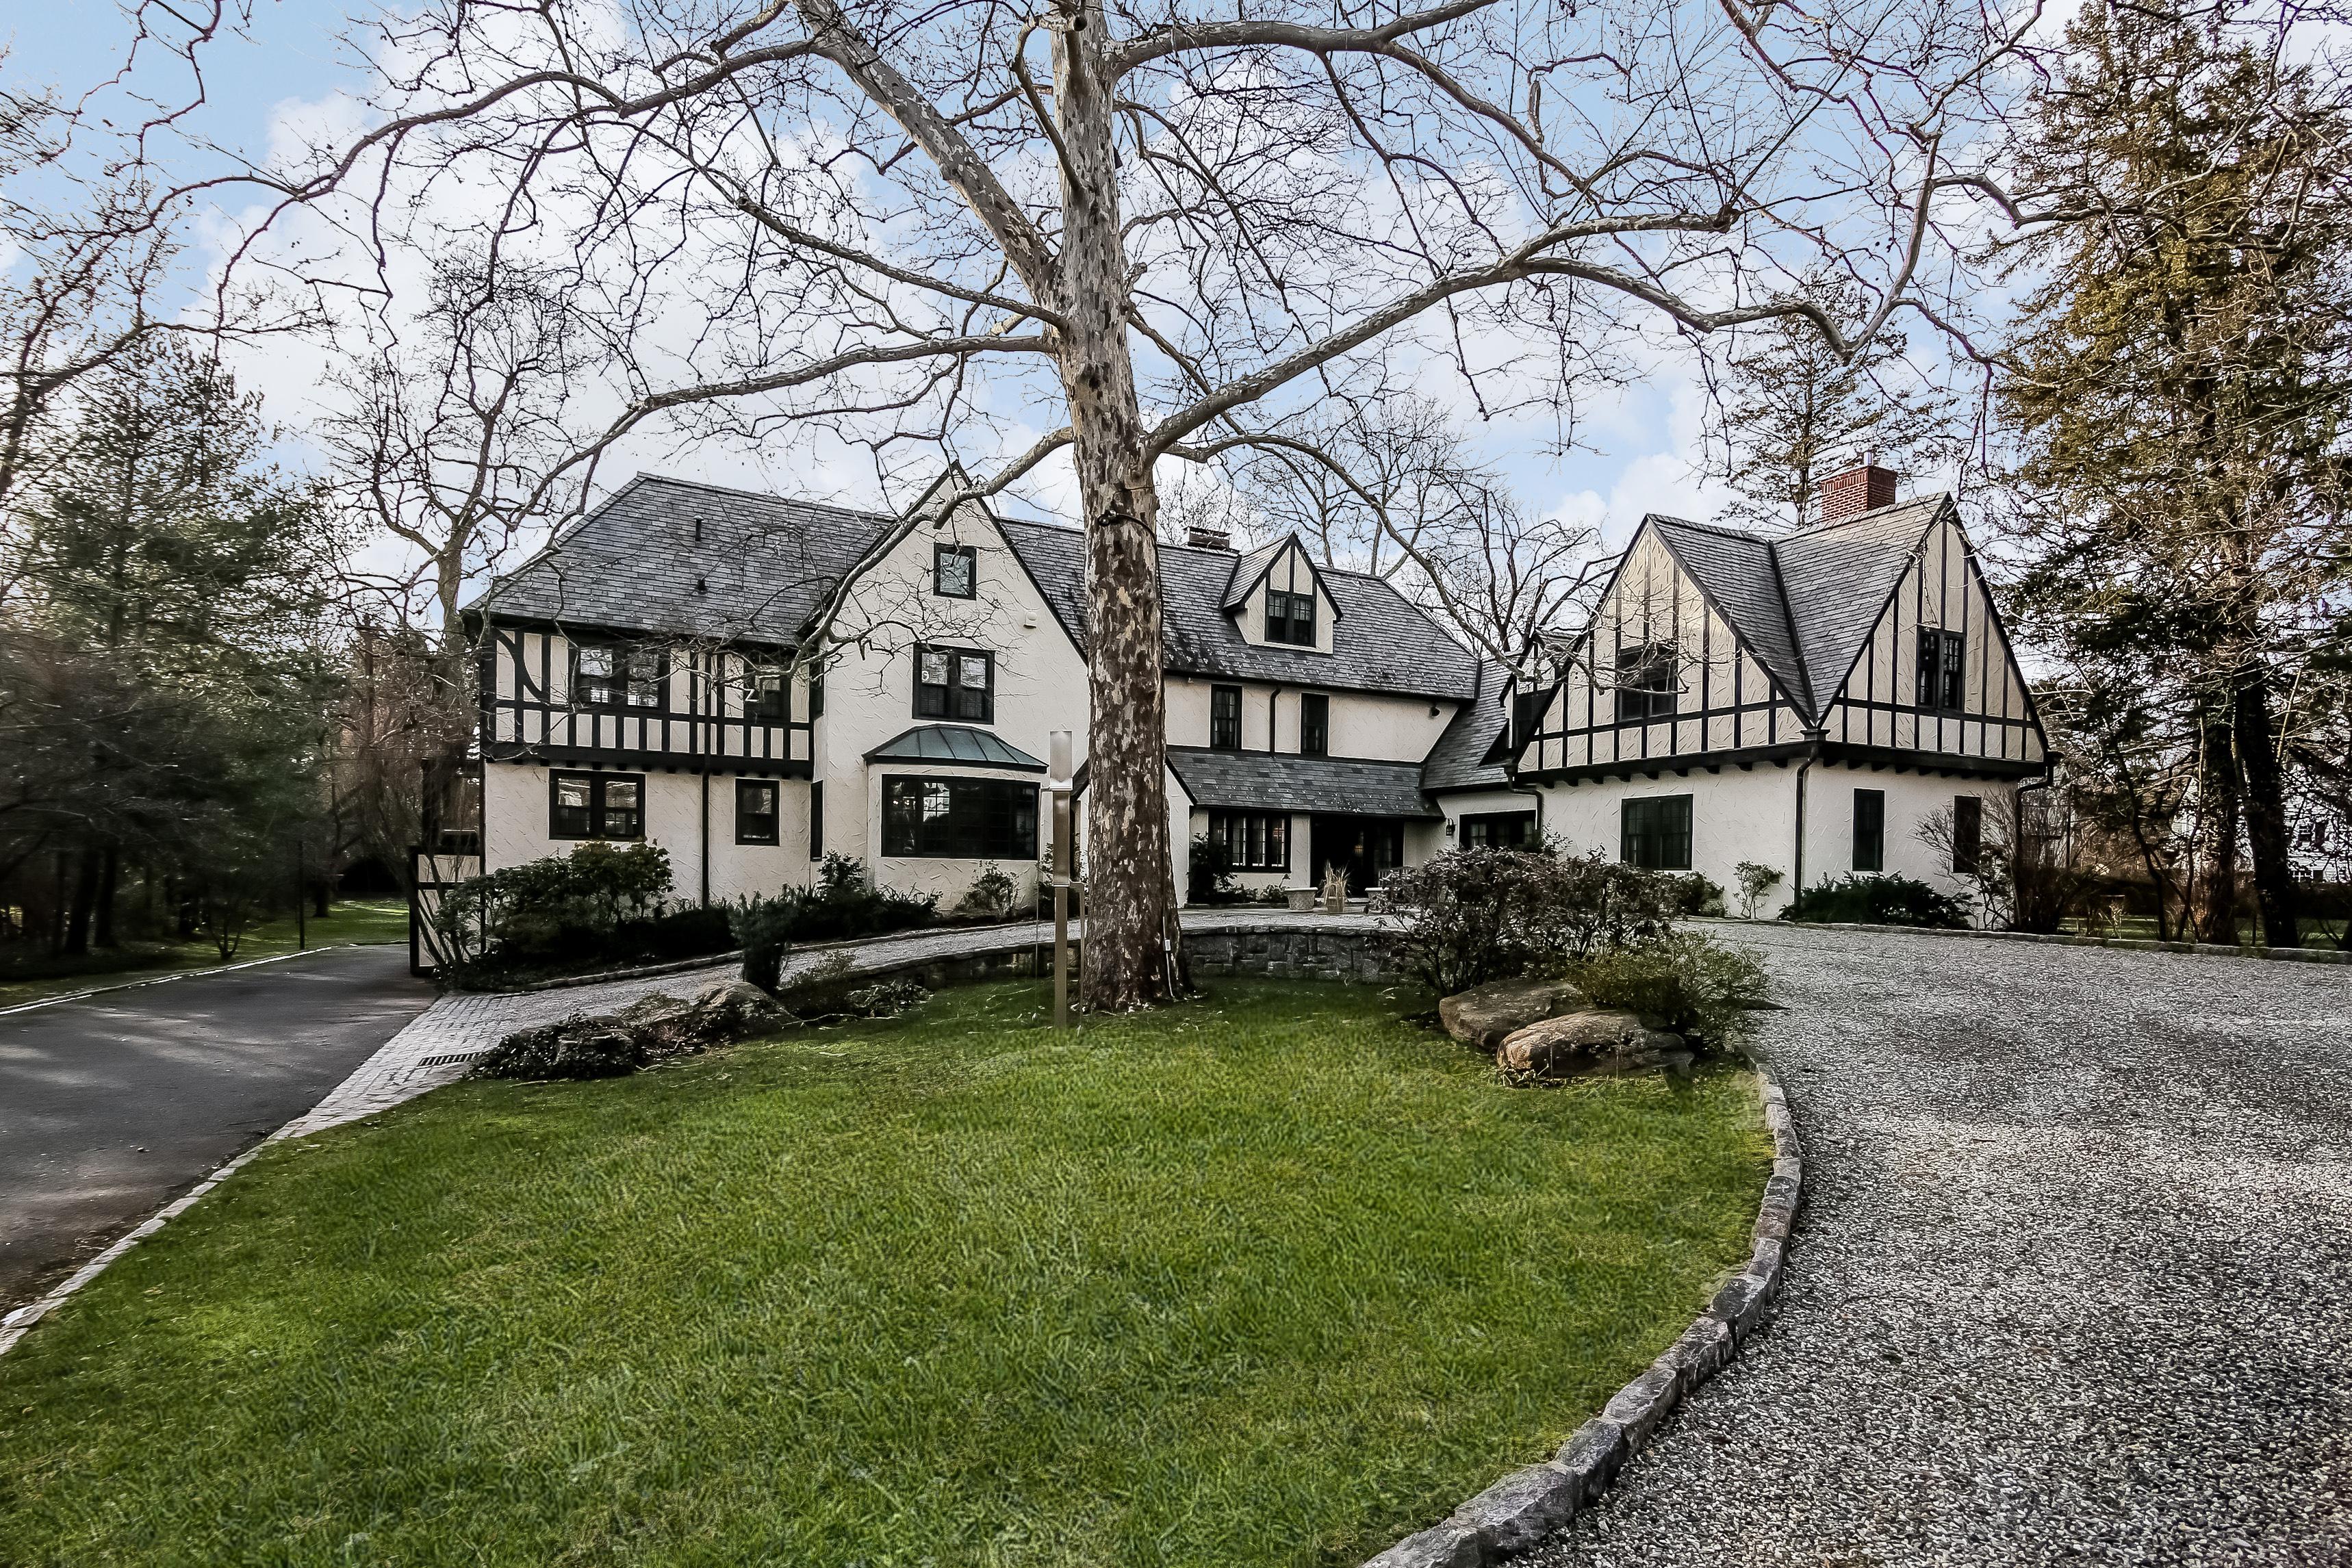 Casa para uma família para Venda às Majestic English Manor Home 72 Mamaroneck Road Scarsdale, Nova York 10583 Estados Unidos